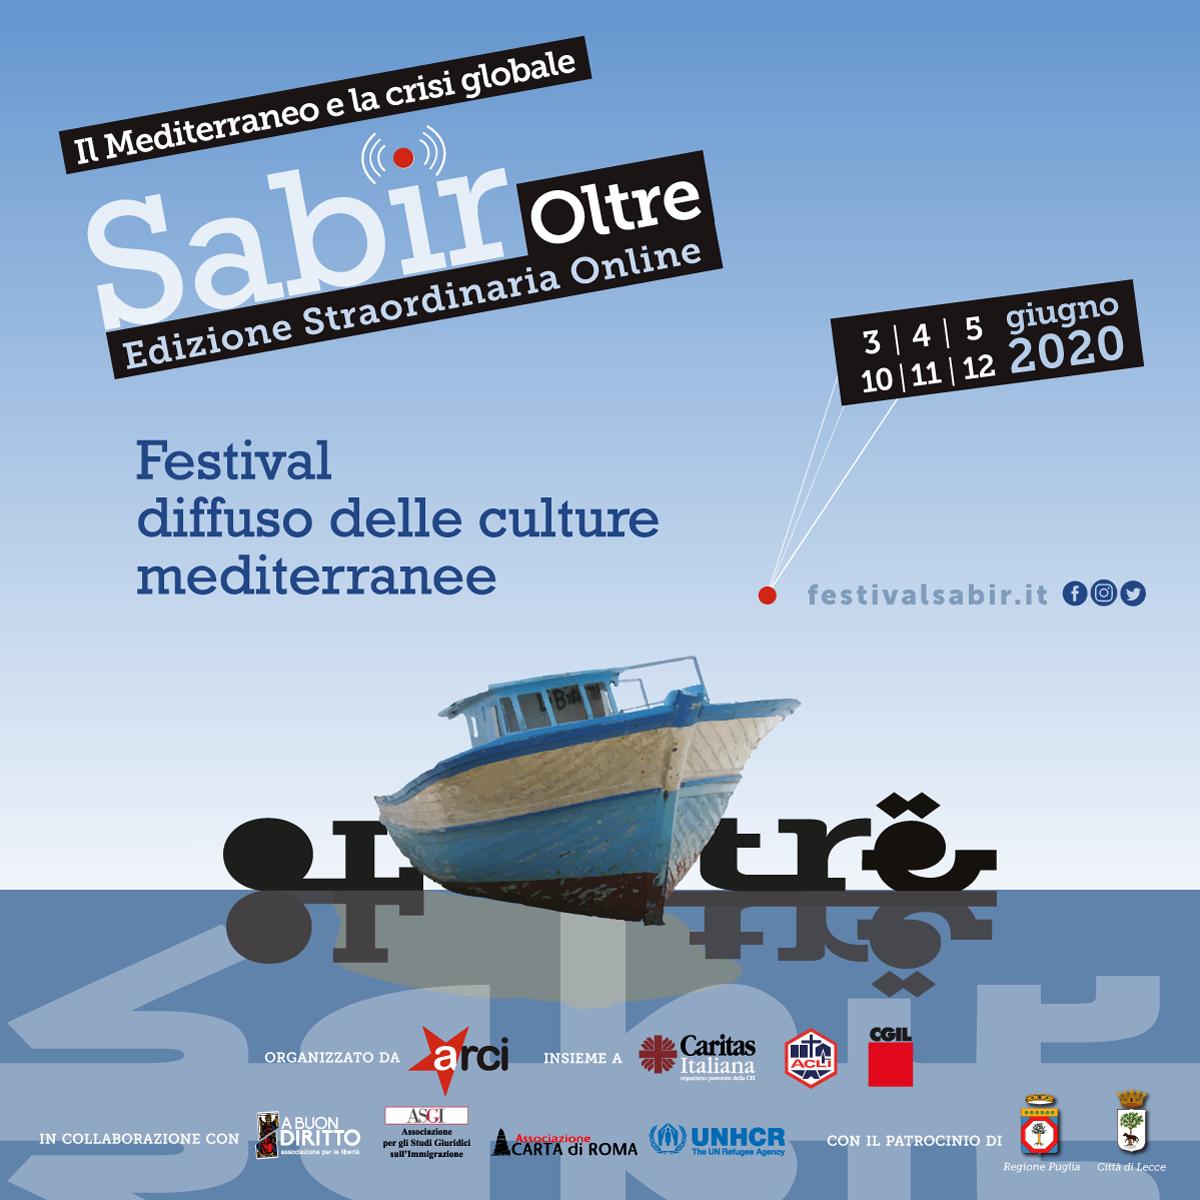 'Sabir 2020 Oltre. Il Mediterraneo e la crisi globale': edizione straordinaria online